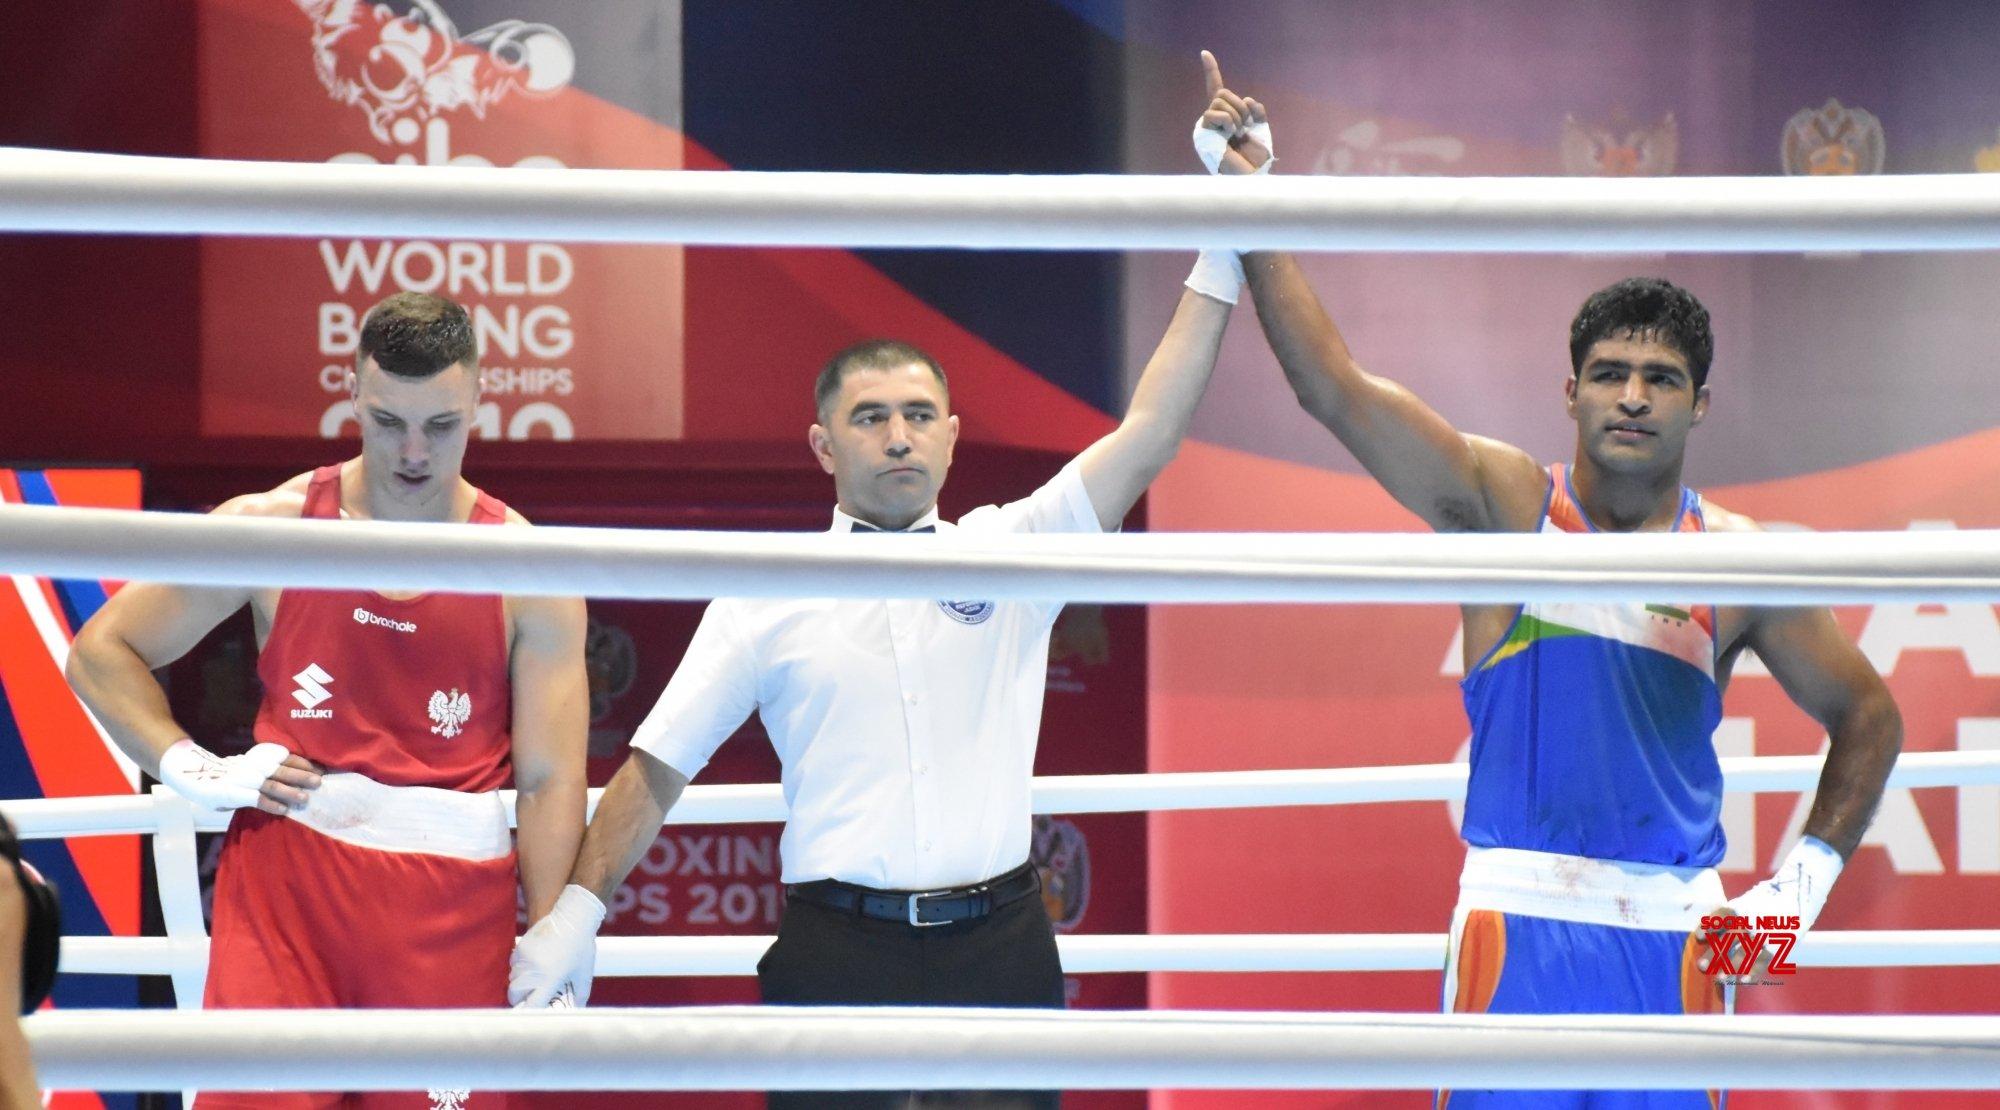 Brijesh Yadav enters Round 2 of World Boxing Championships